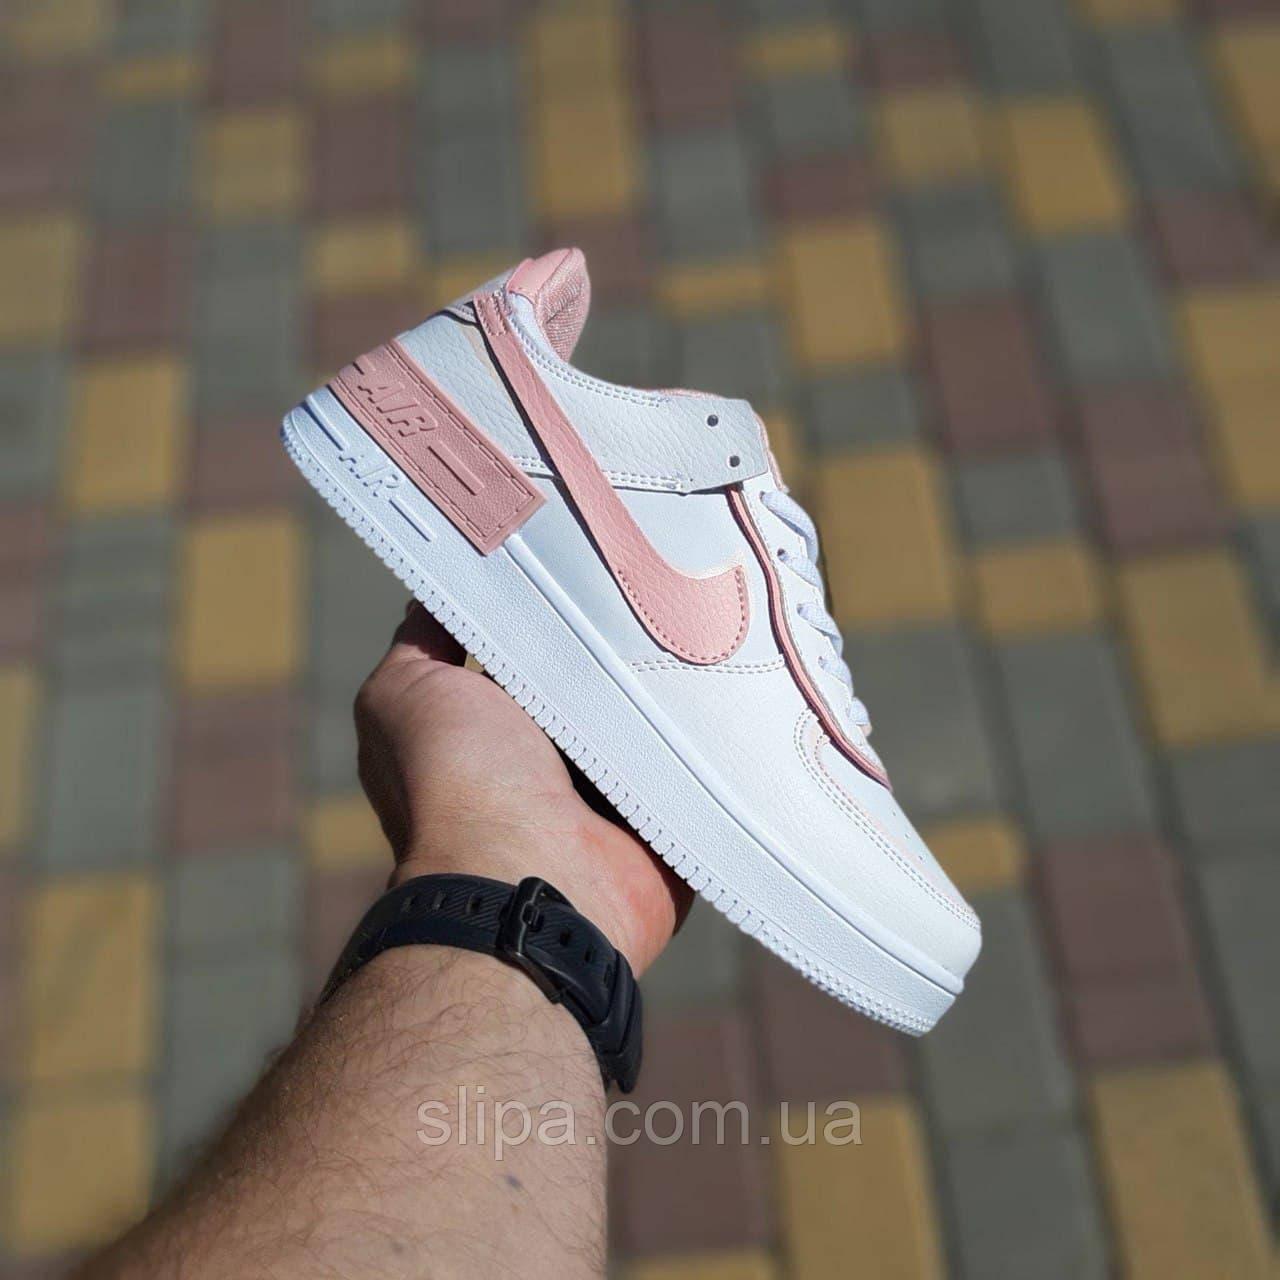 Жіночі шкіряні кросівки в стилі Nike Air Force 1 білі з малиновим